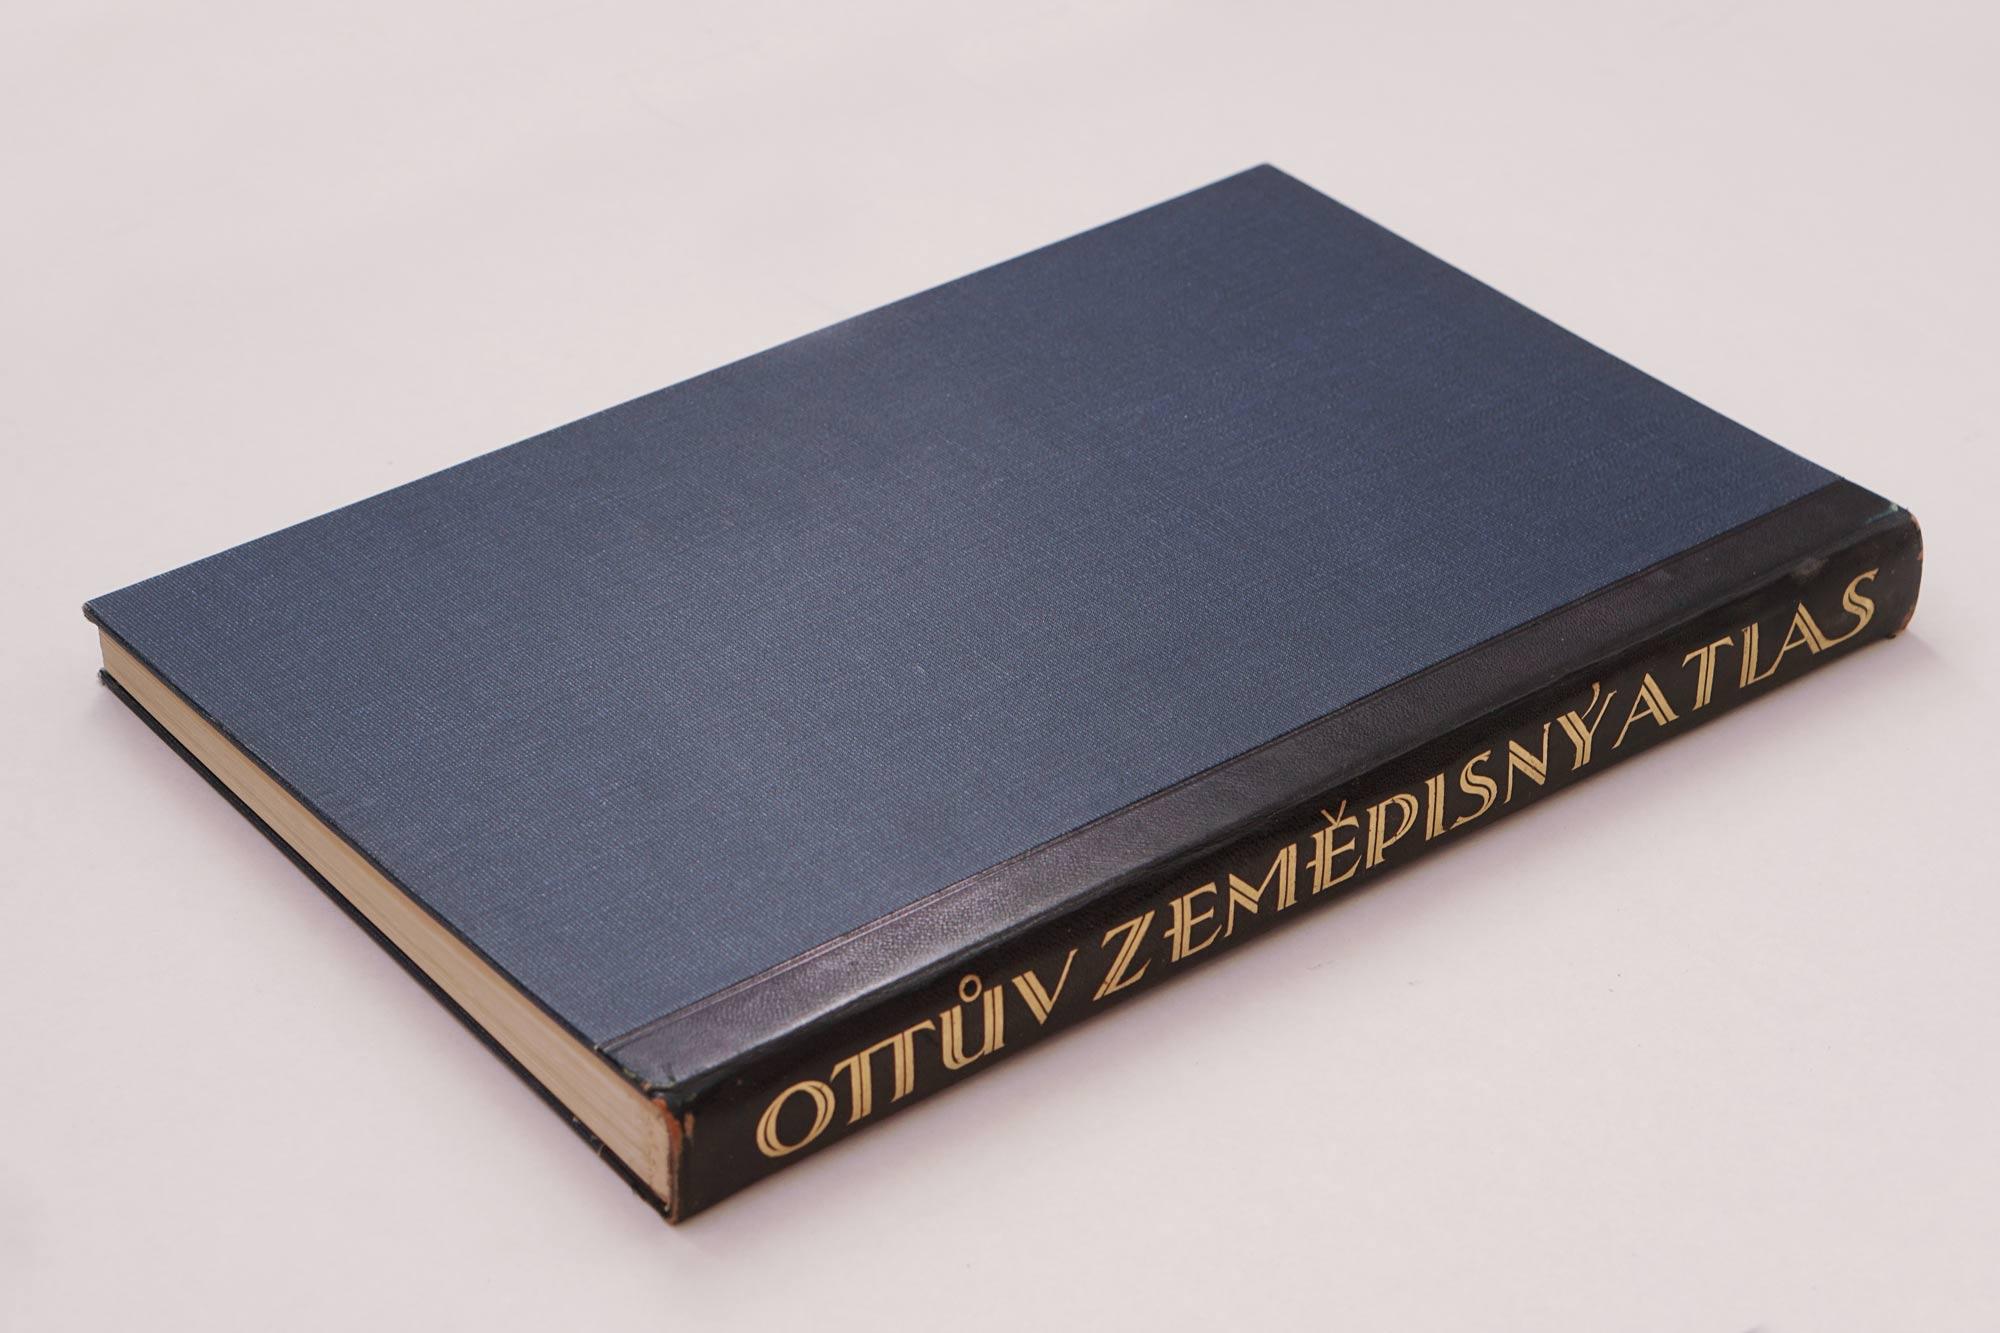 Ottův zeměpisný atlas